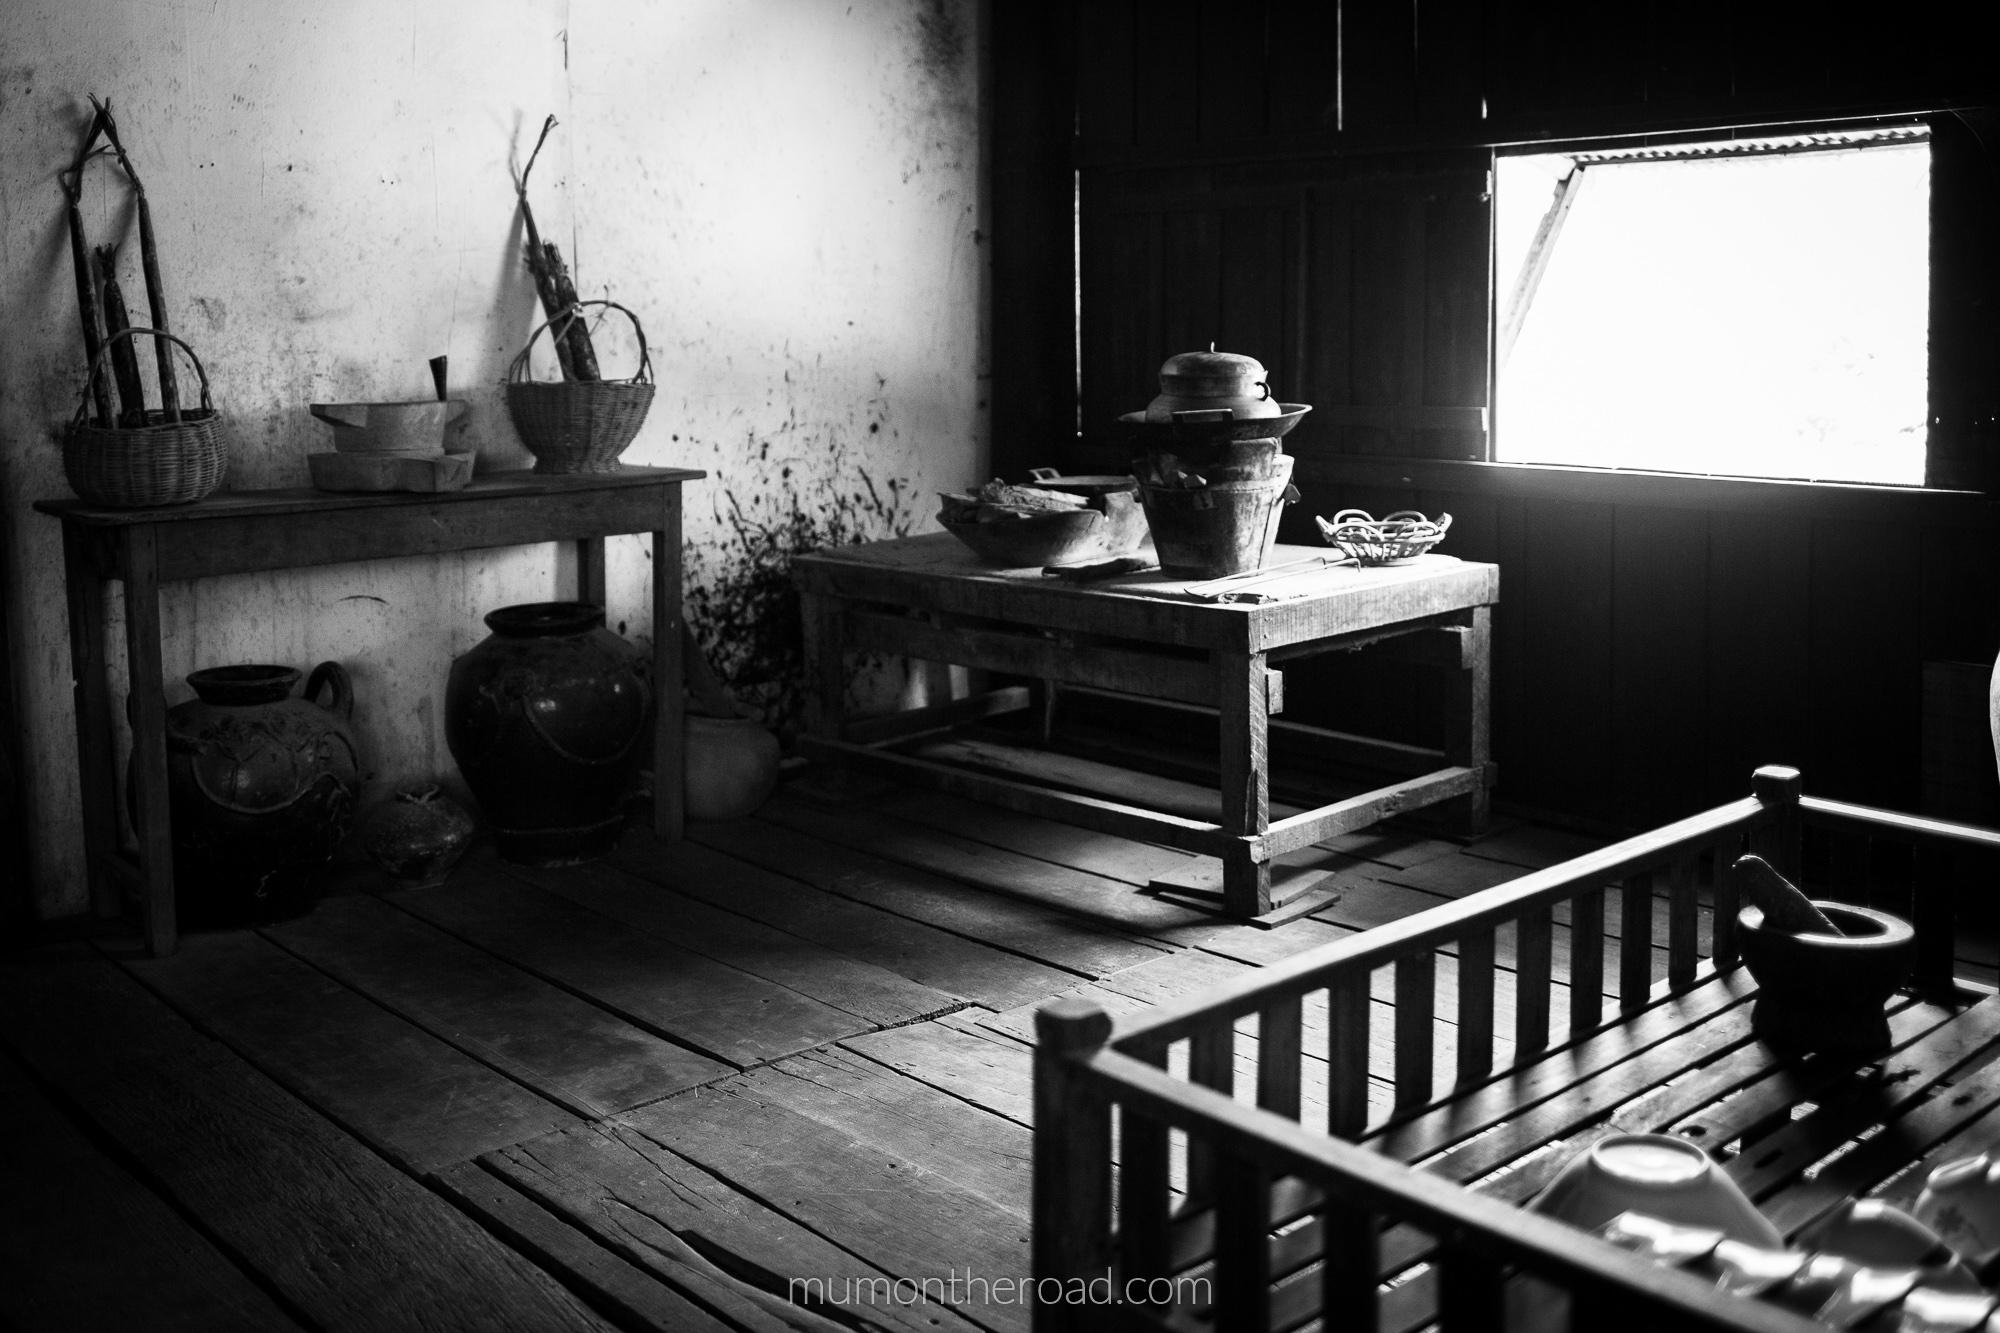 Cuisine d'une maison khmère traditionnelle au Sud de Battambang au Cambodge